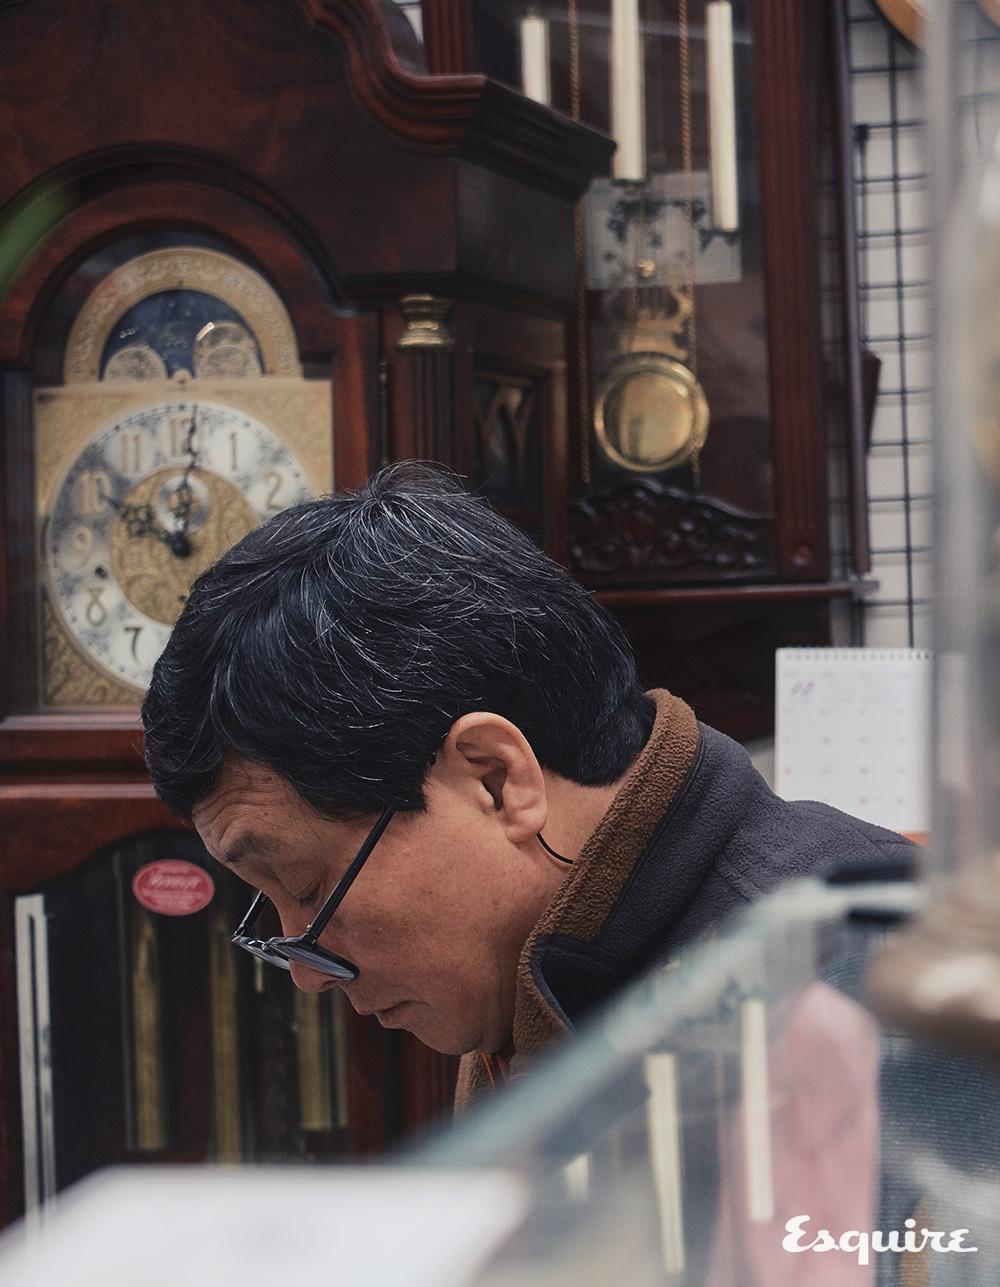 시계를 수리하고 조립하는 삼성사의 장충락 장인.